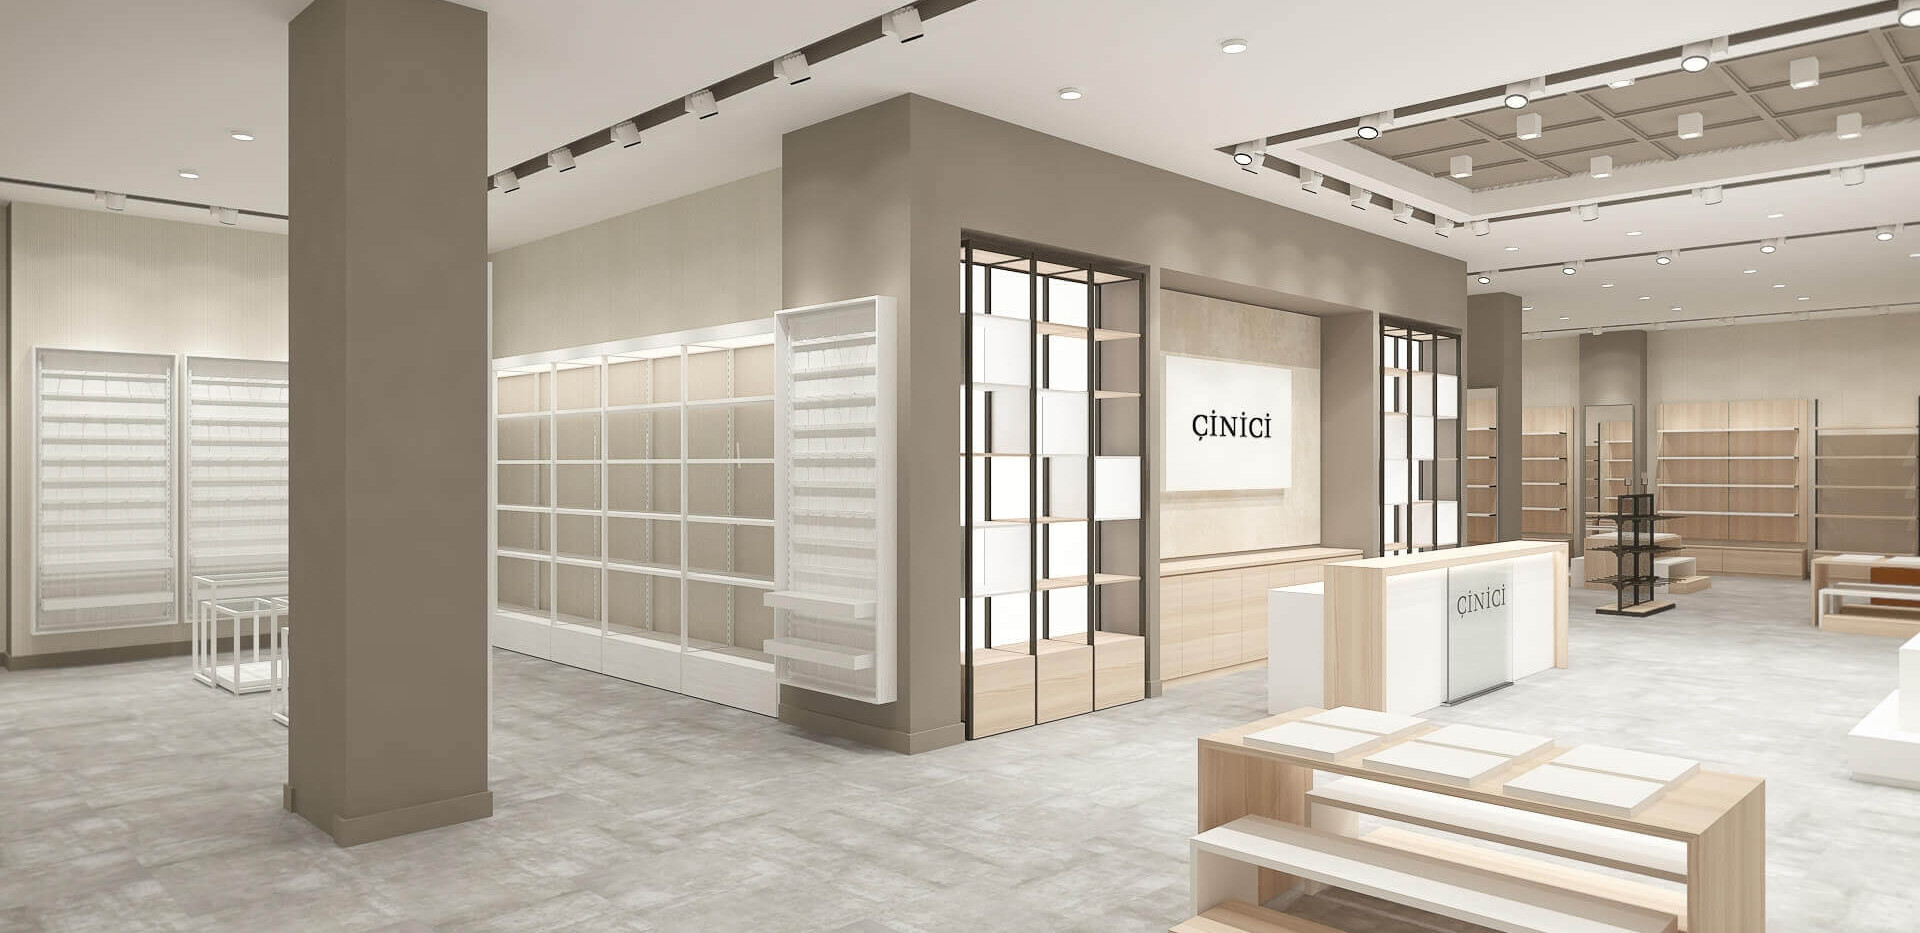 Cinici - Shoes Store Shop Design-2.jpg